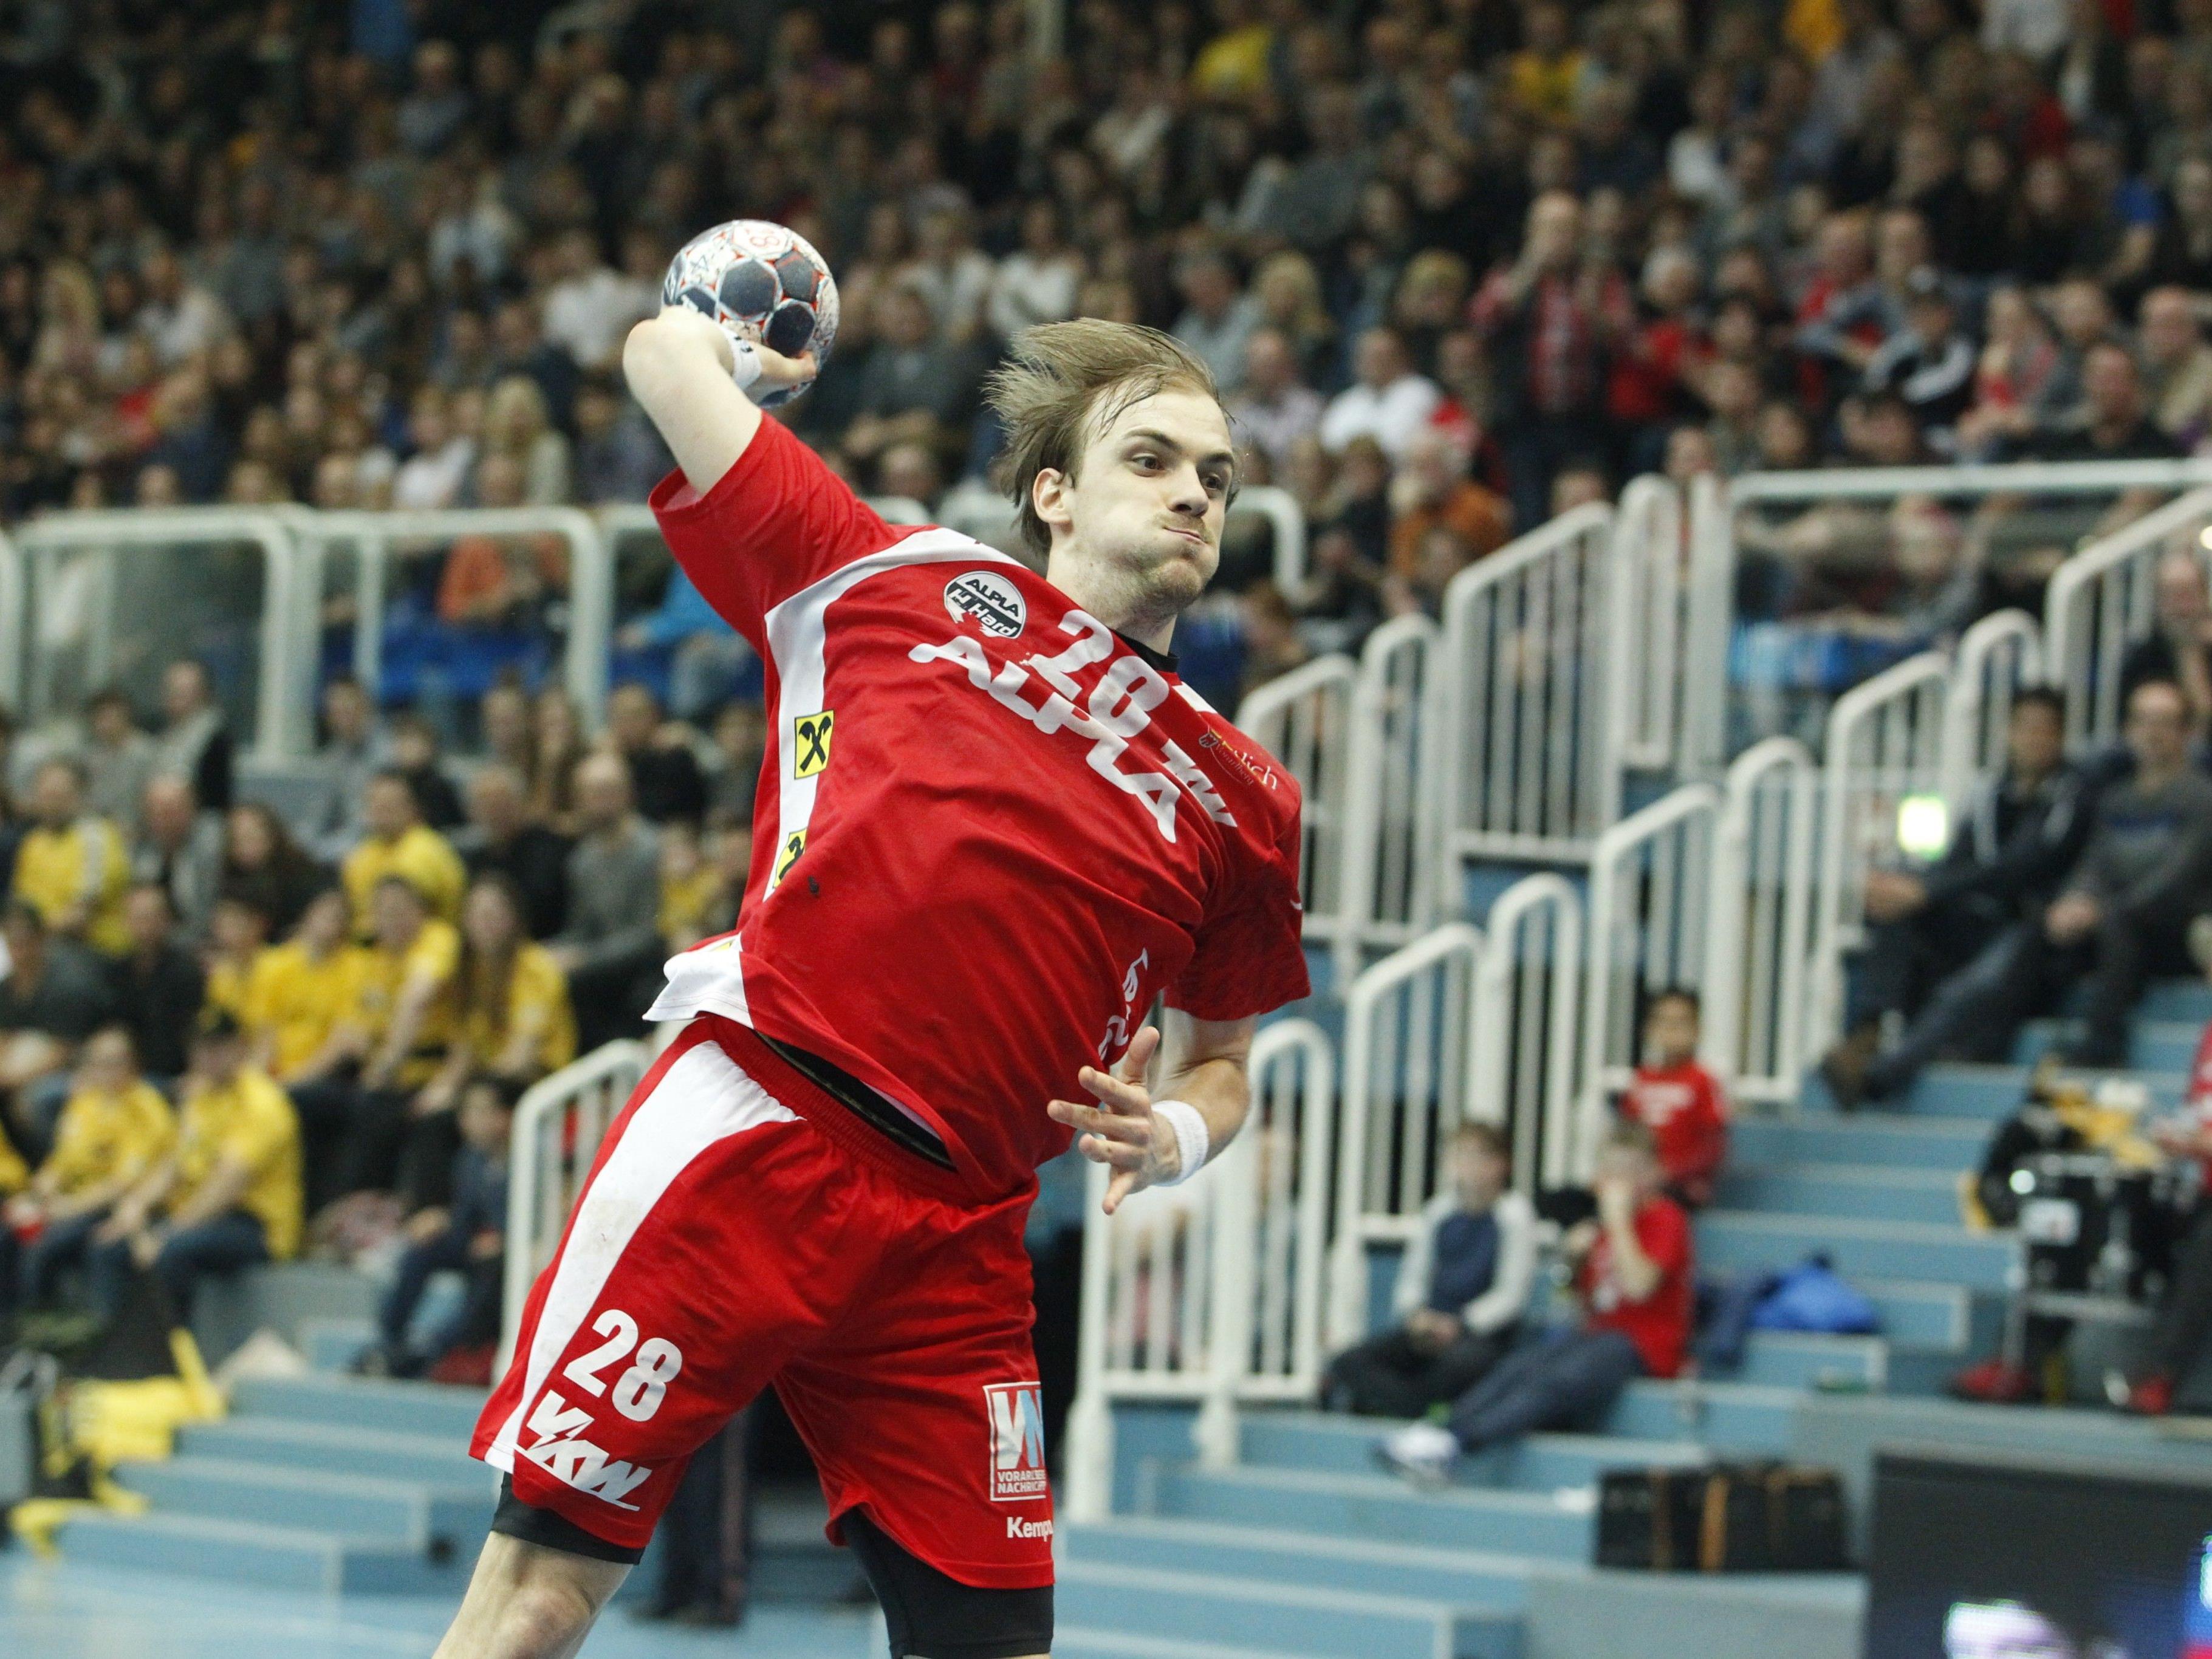 In der Sporthalle am See in Hard findet am 14. März die Österreich-Premiere des ALL-STAR-GAME statt.